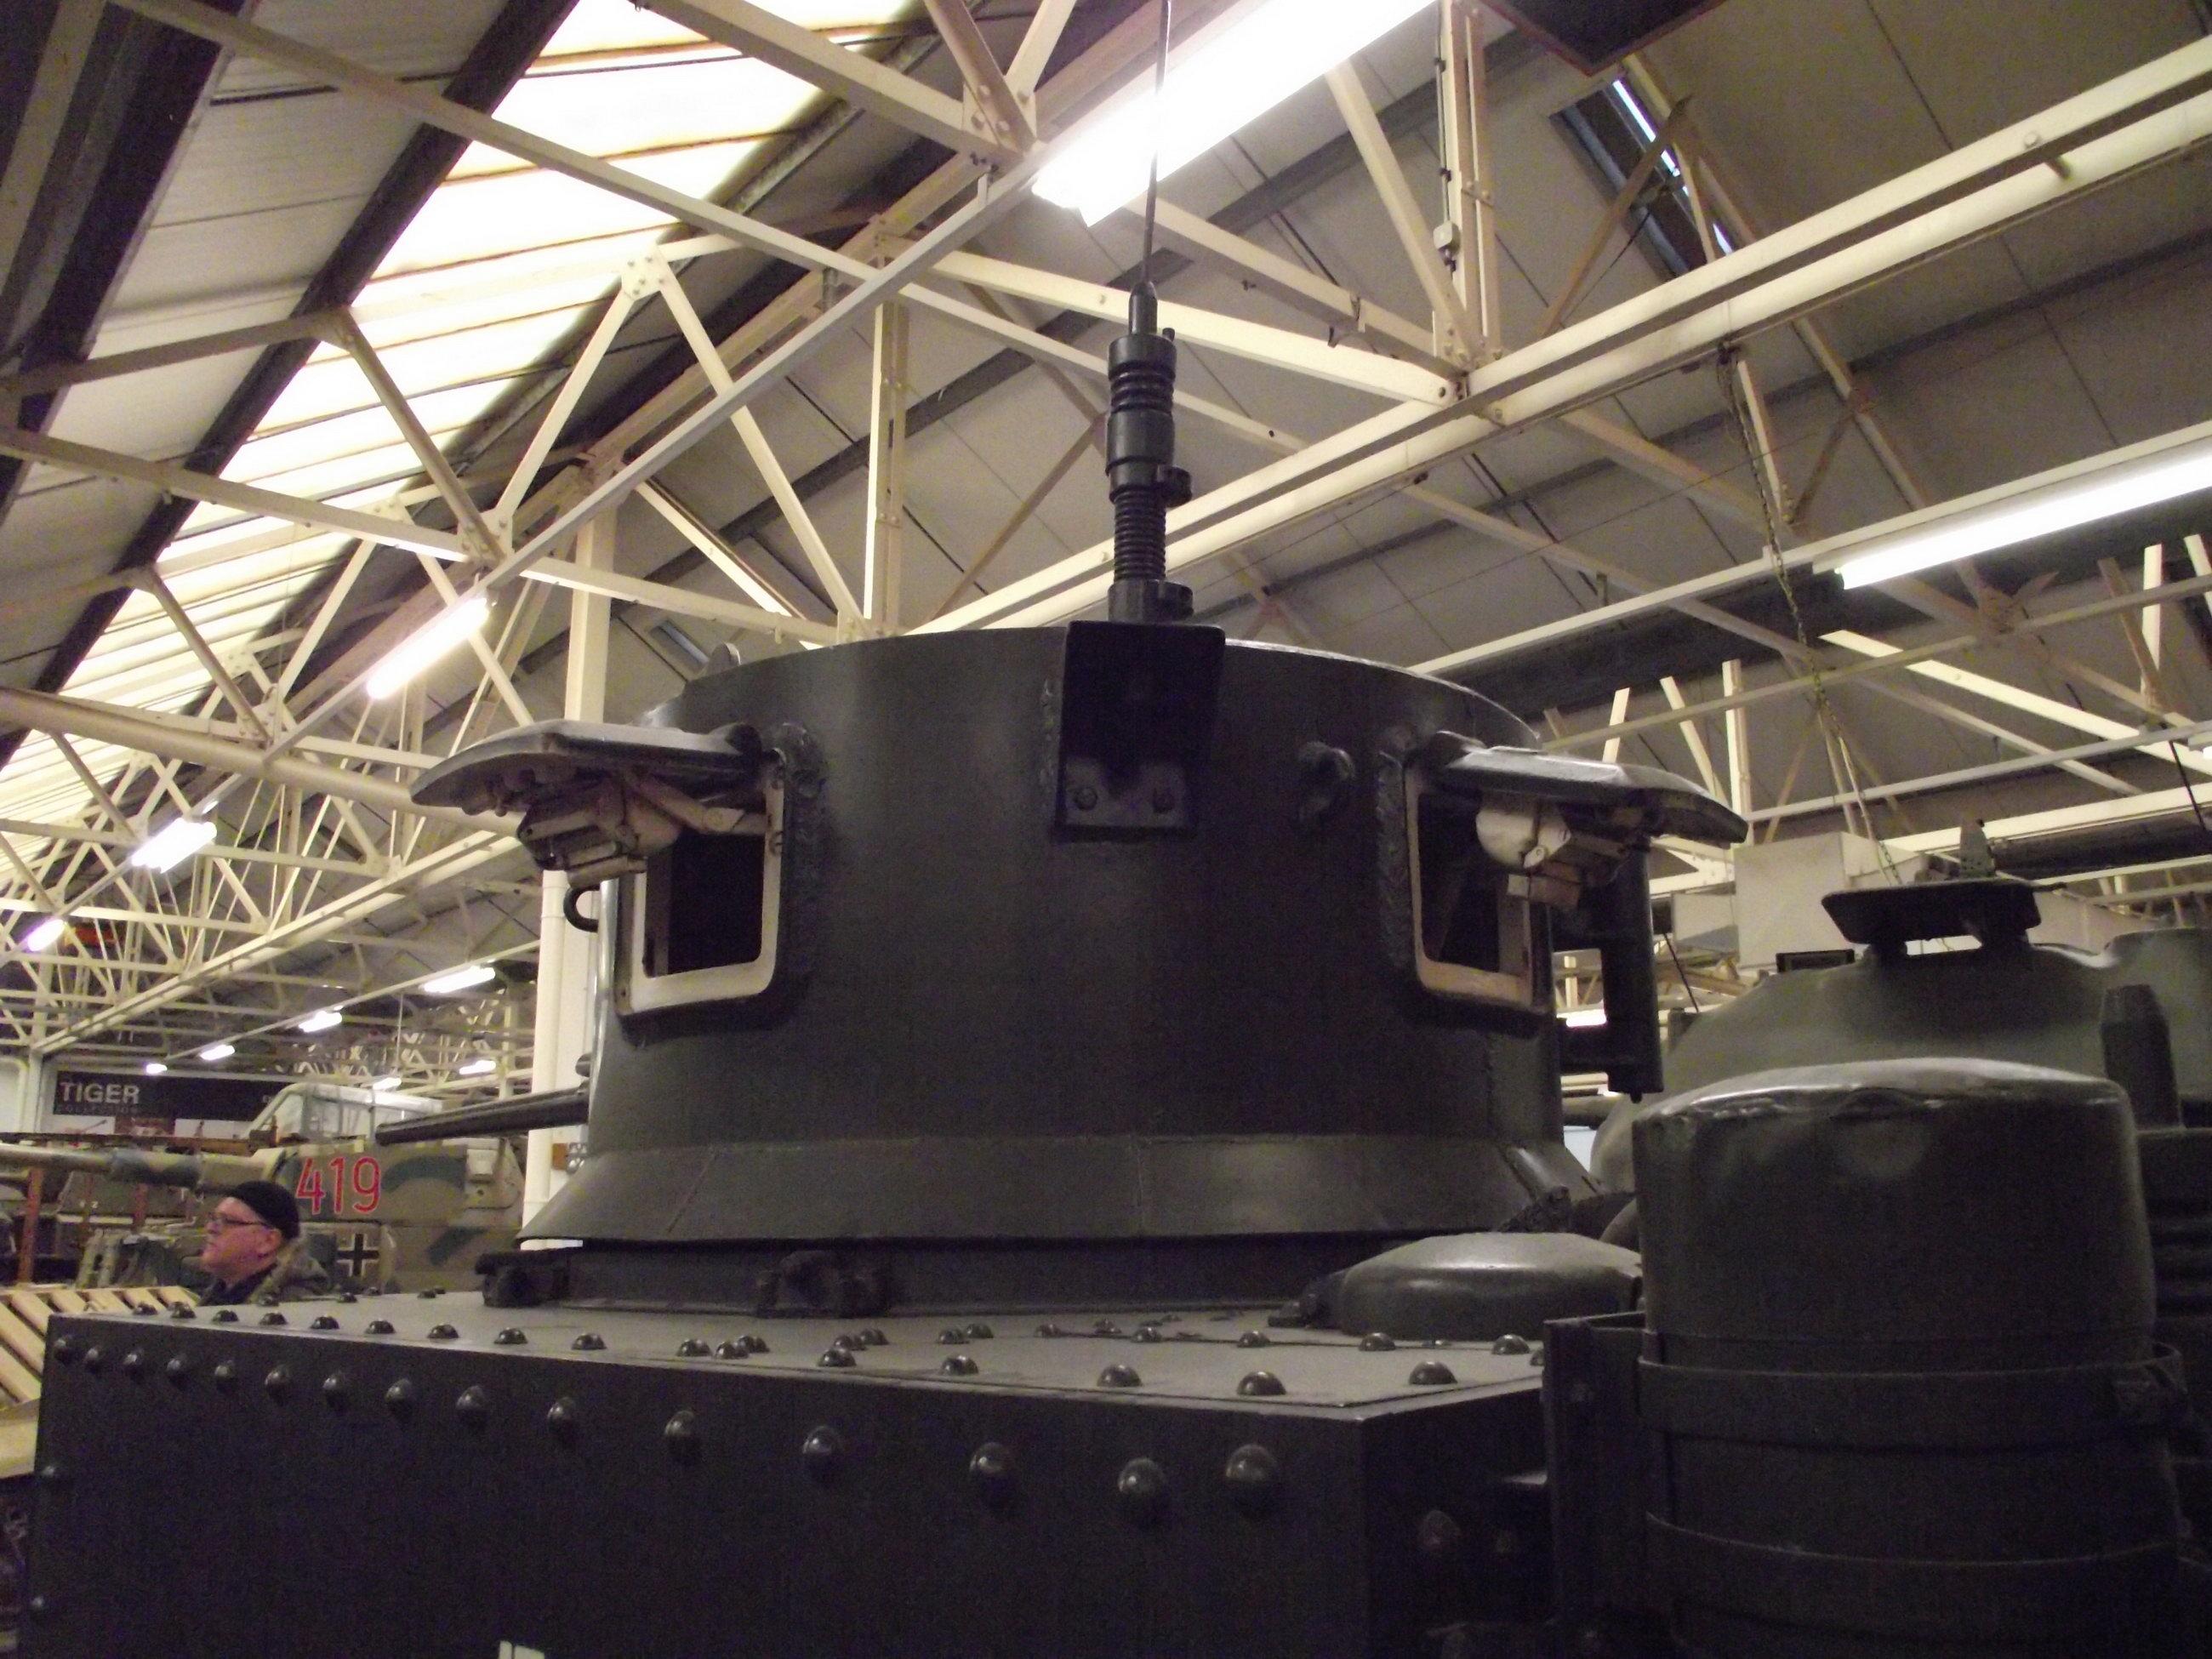 Tank_Museum_20180919_376.jpg